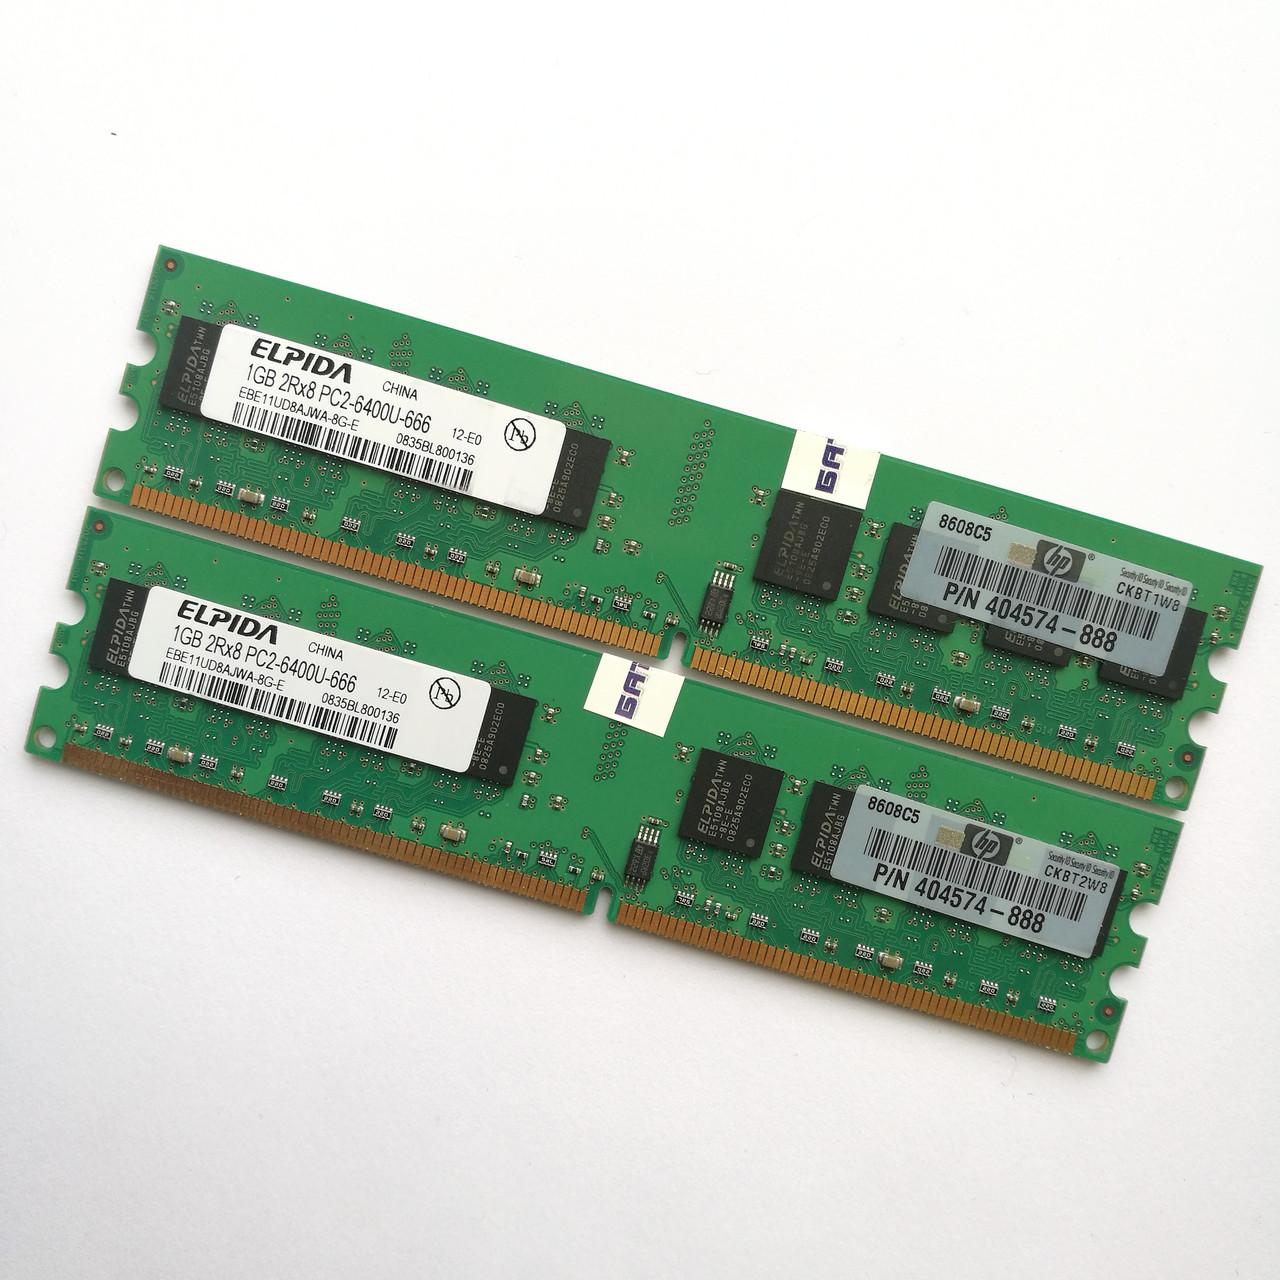 Комплект оперативной памяти Elpida DDR2 2Gb (1Gb+1Gb) 800MHz PC2 6400U CL6 (EBE11UD8AJWA-8G-E) Б/У